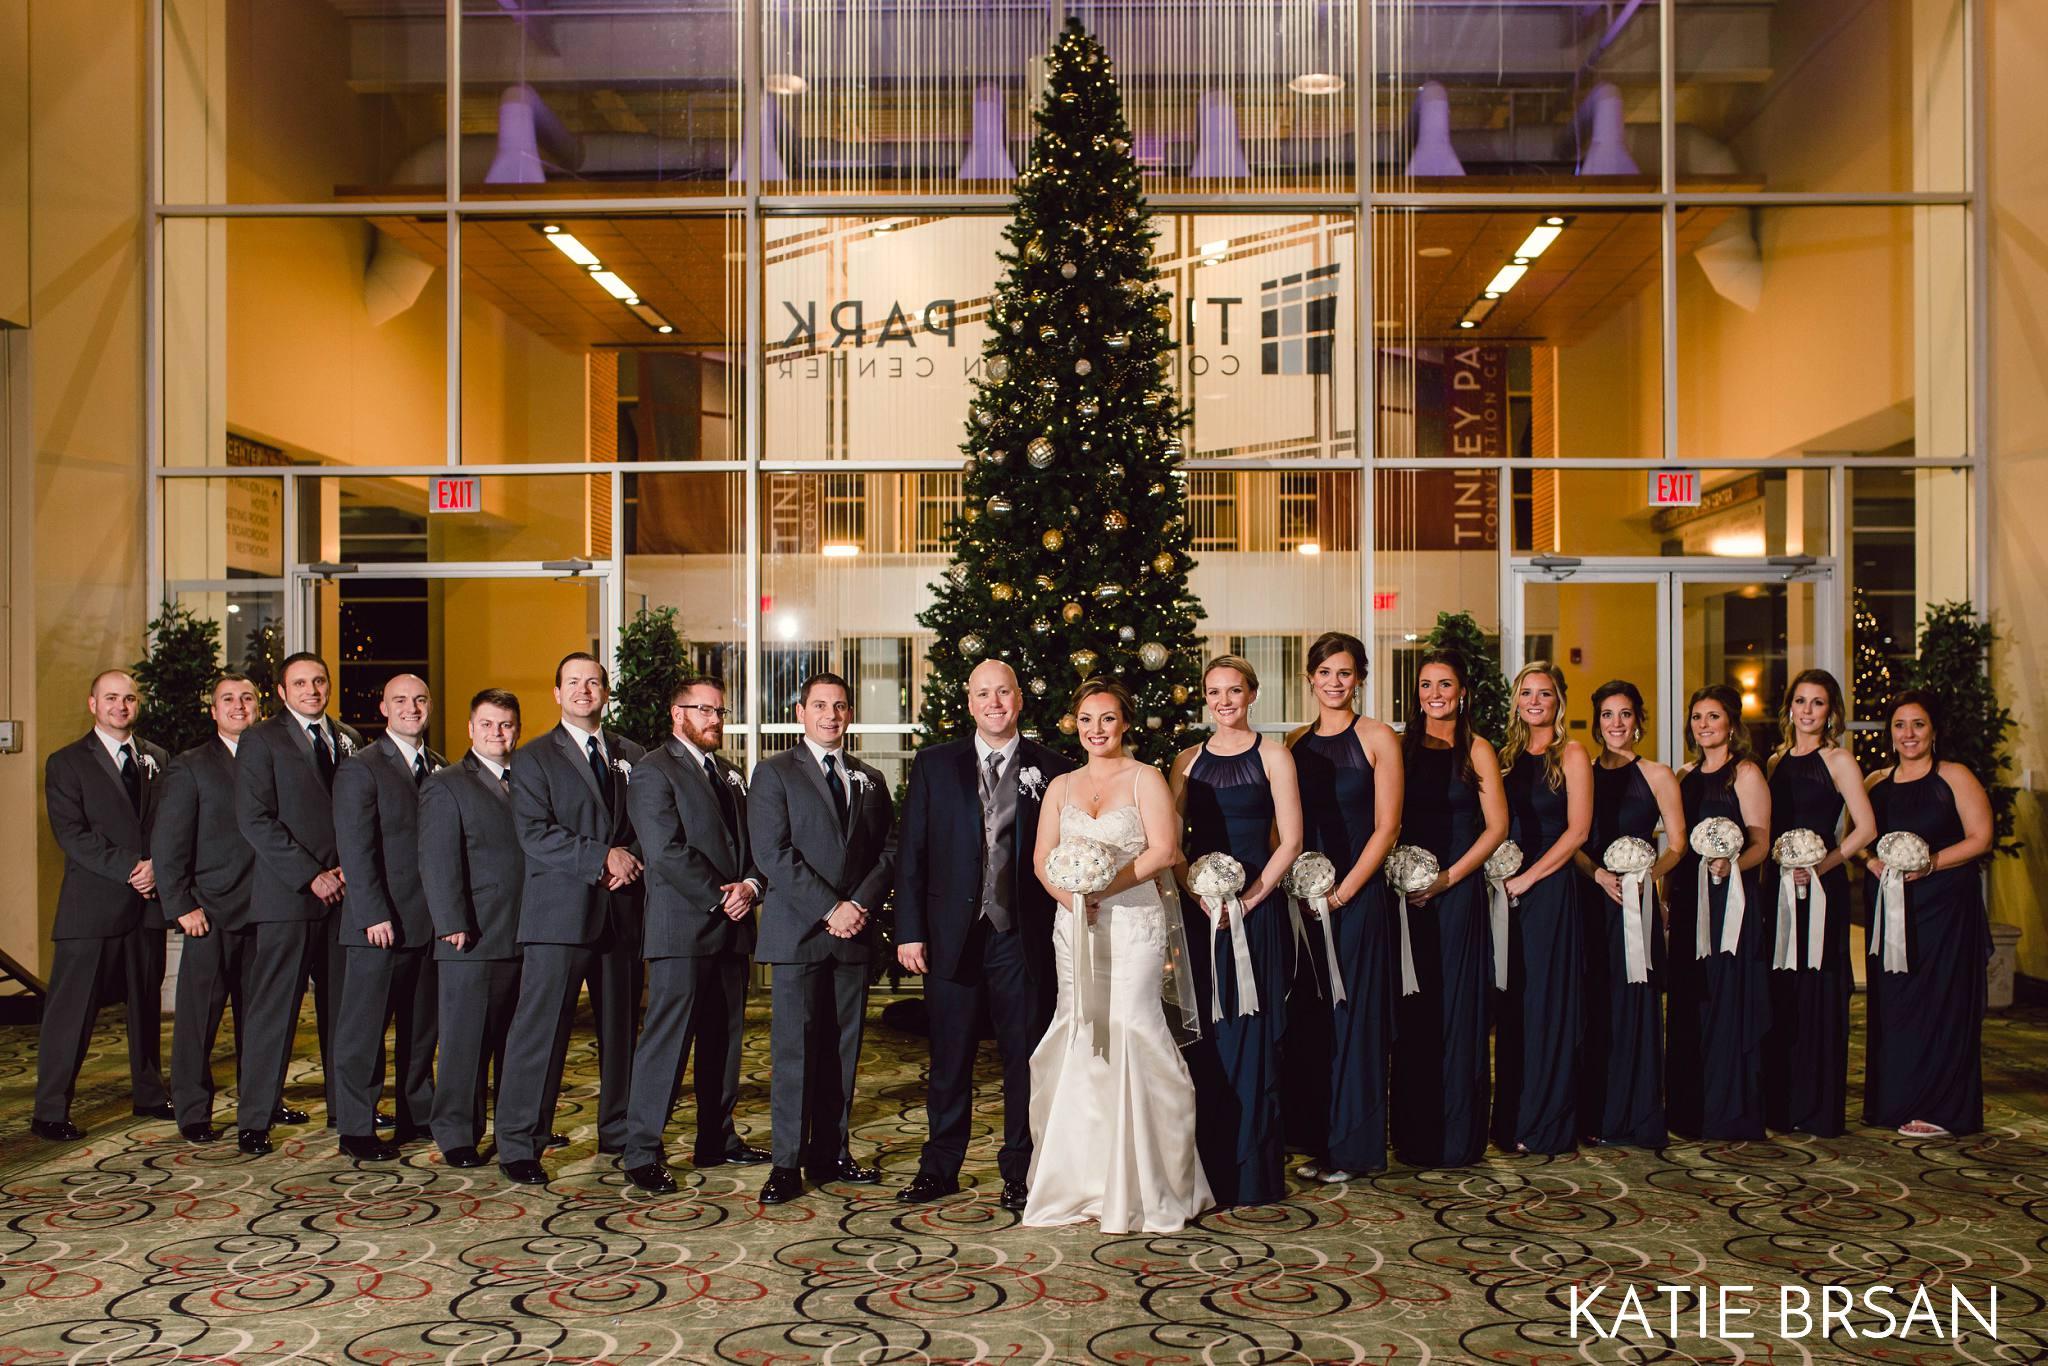 KatieBrsan-NewYearsEve-Wedding_0469.jpg